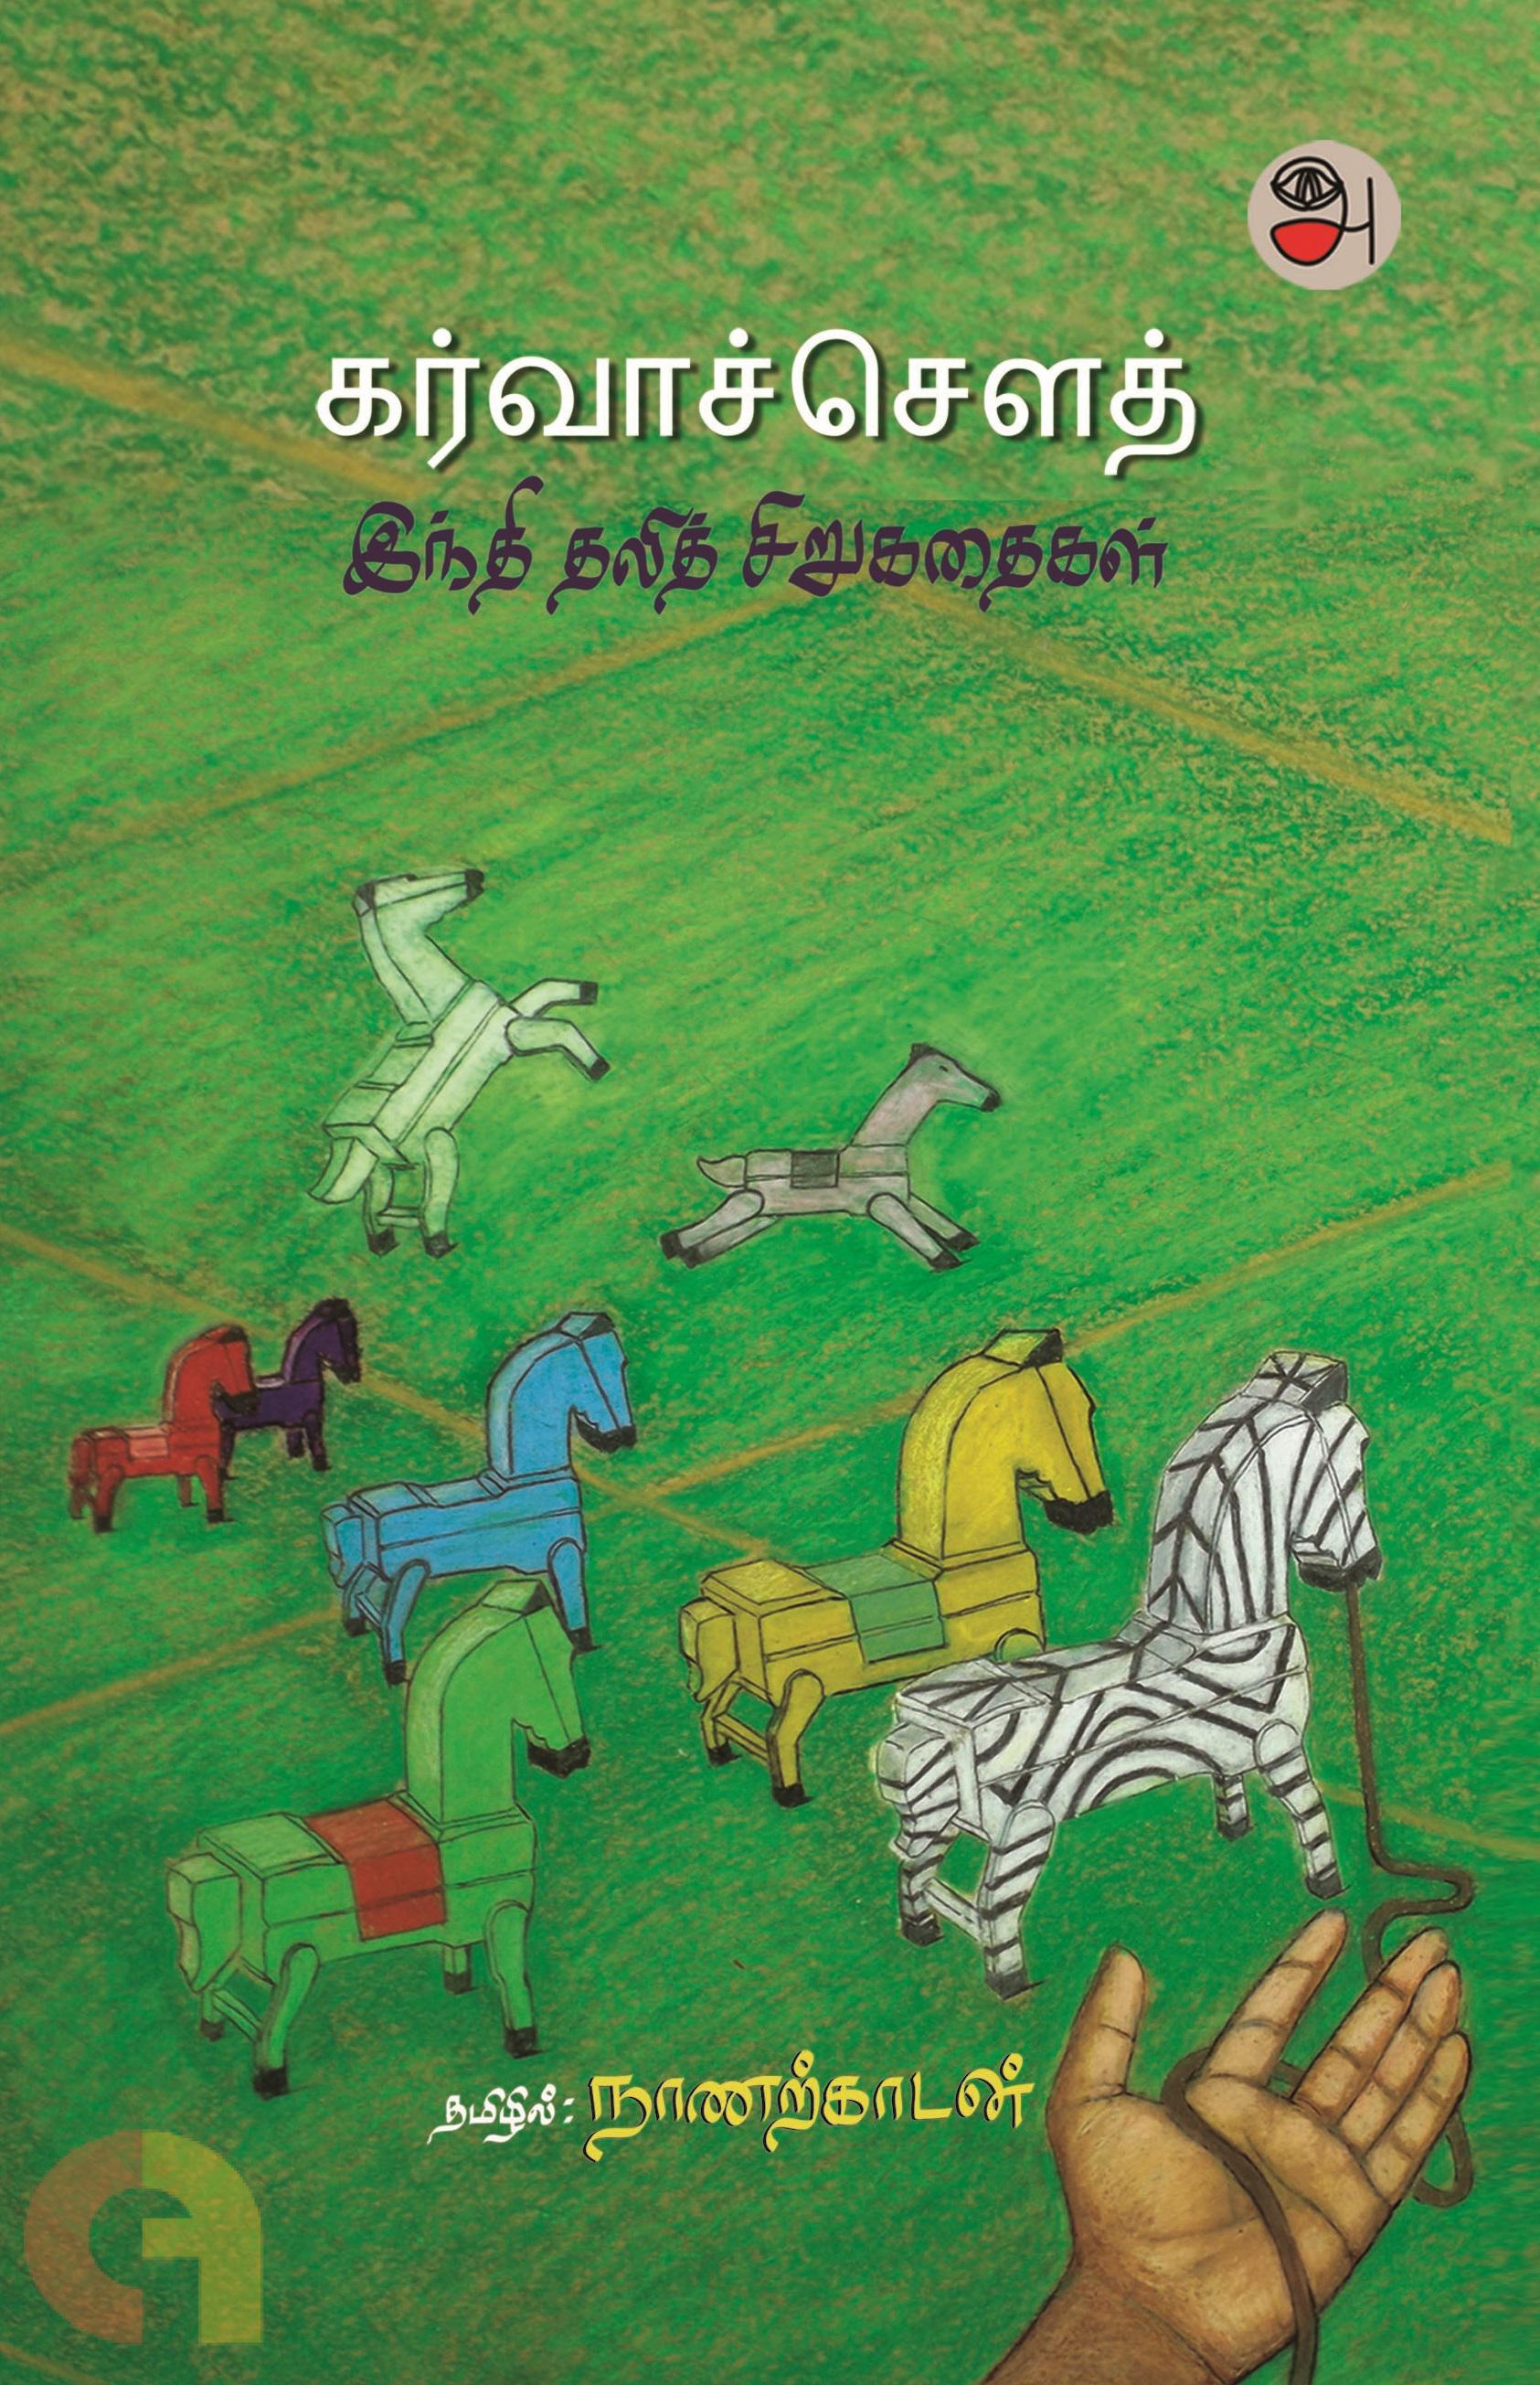 கர்வாச்சௌத்